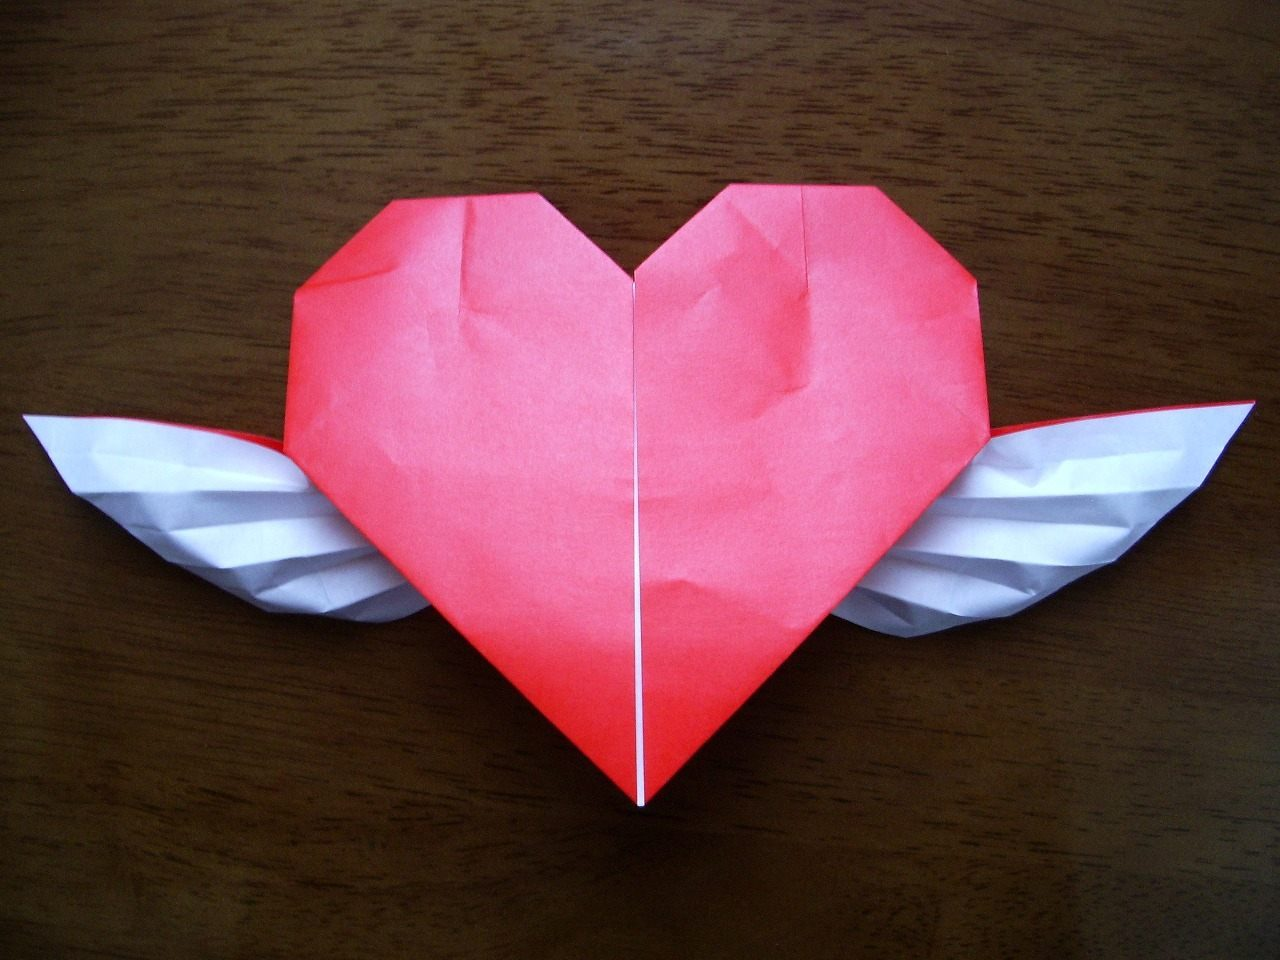 Coraz n de papel con alas im genes y fotos - Como hacer un corazon con fotos ...